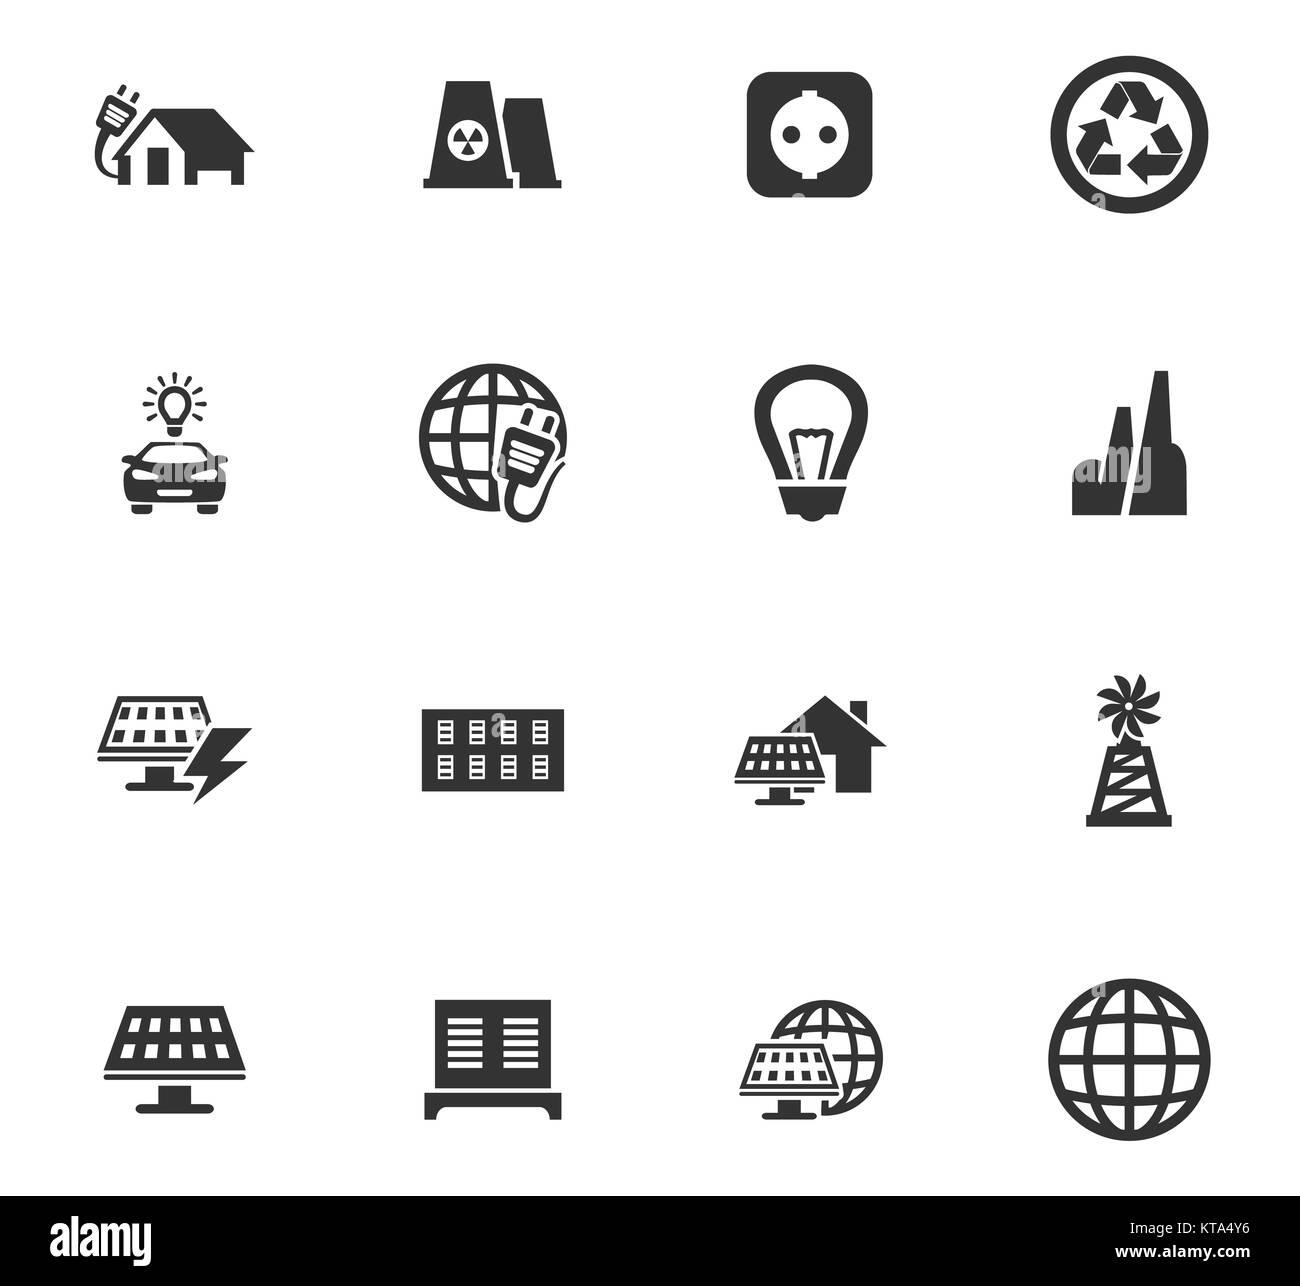 Alternative energy icons set - Stock Image